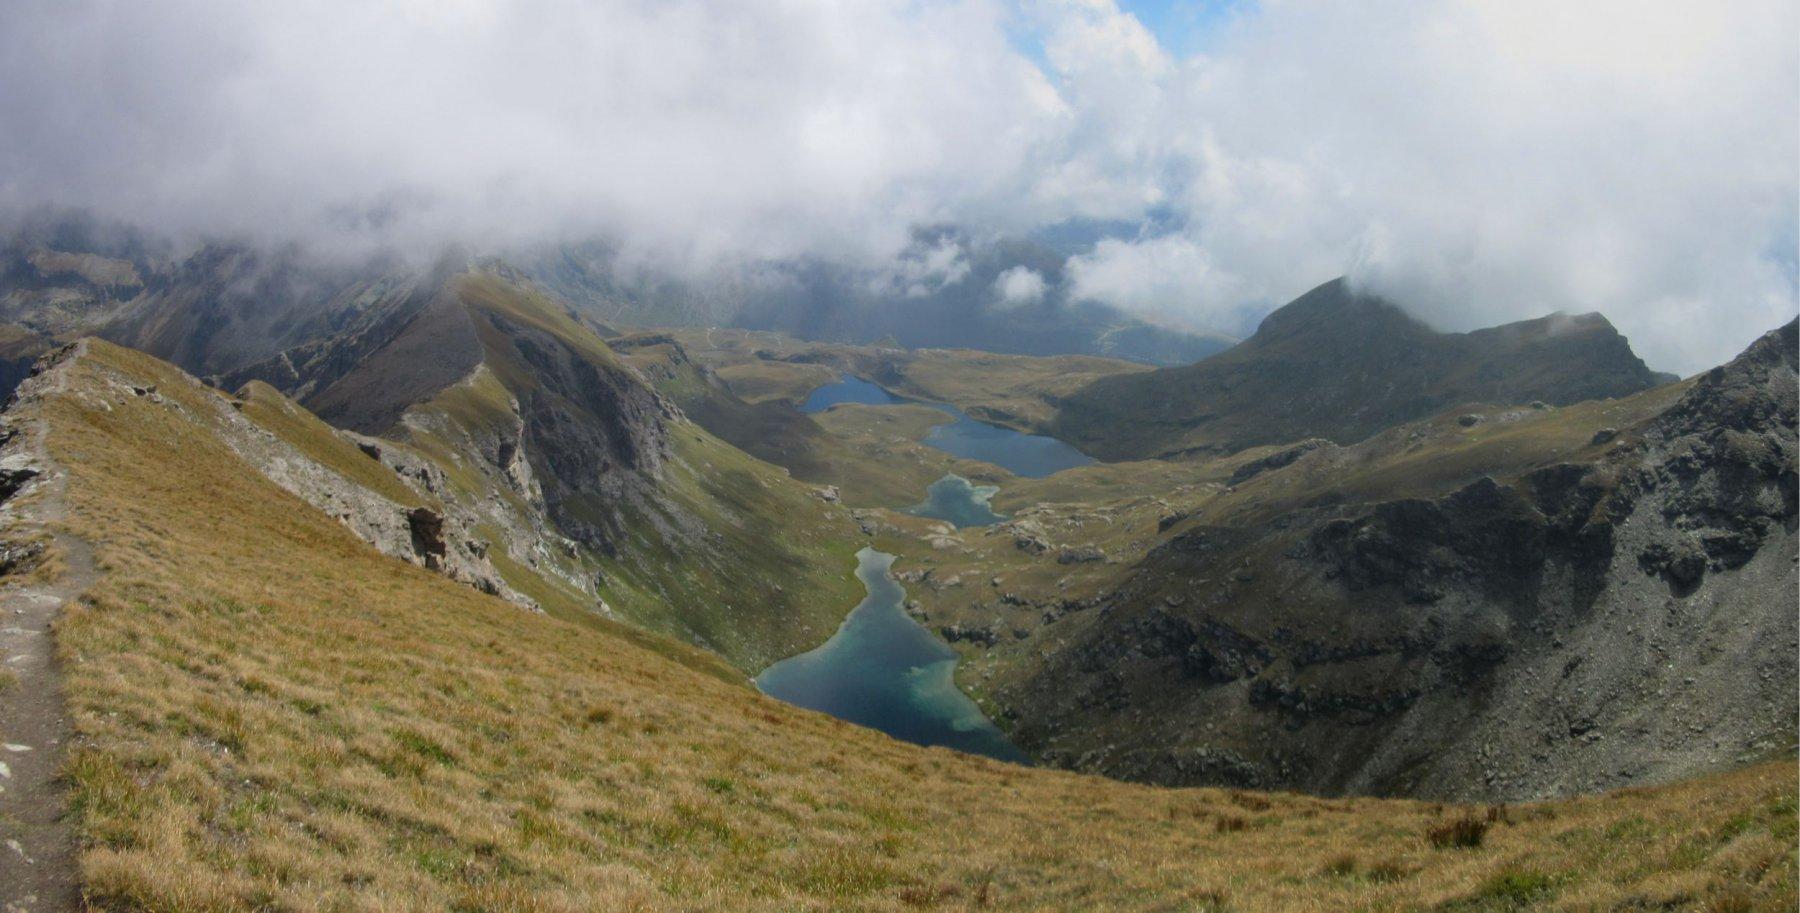 La cresta a sx e i laghi Palasina